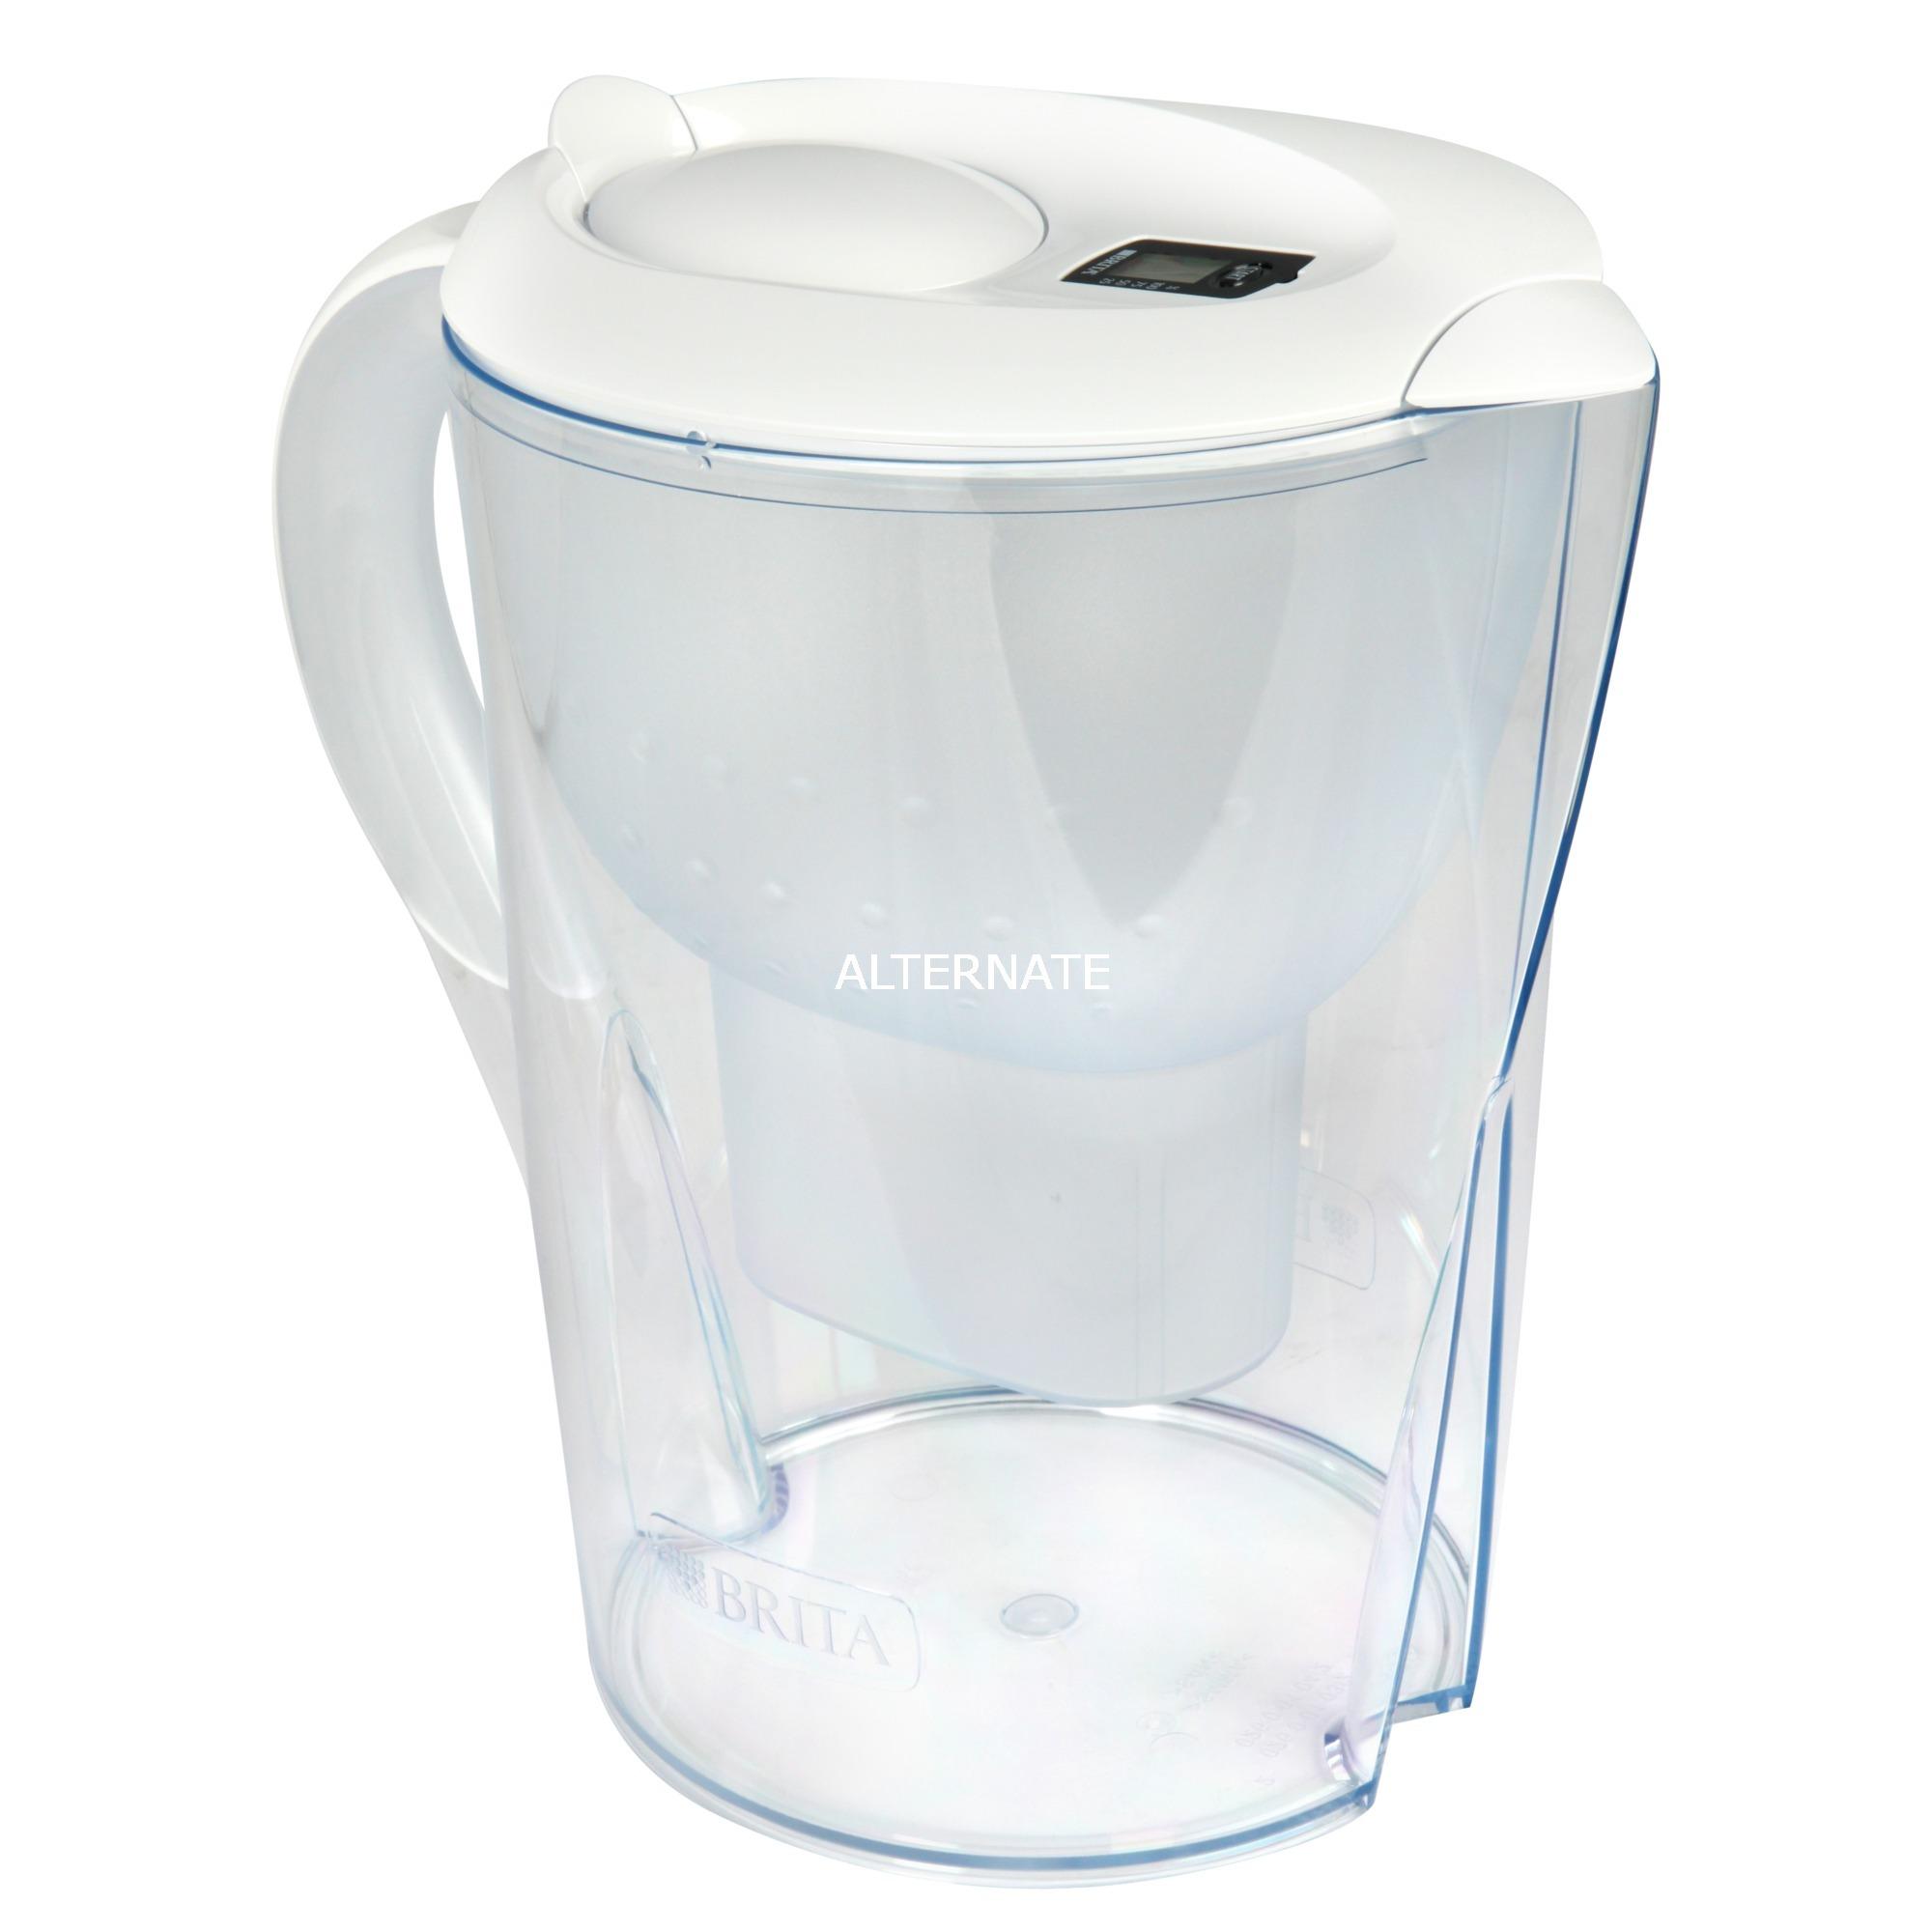 Marella XL Filtro de agua para jarra Transparente, Blanco 3,5 L